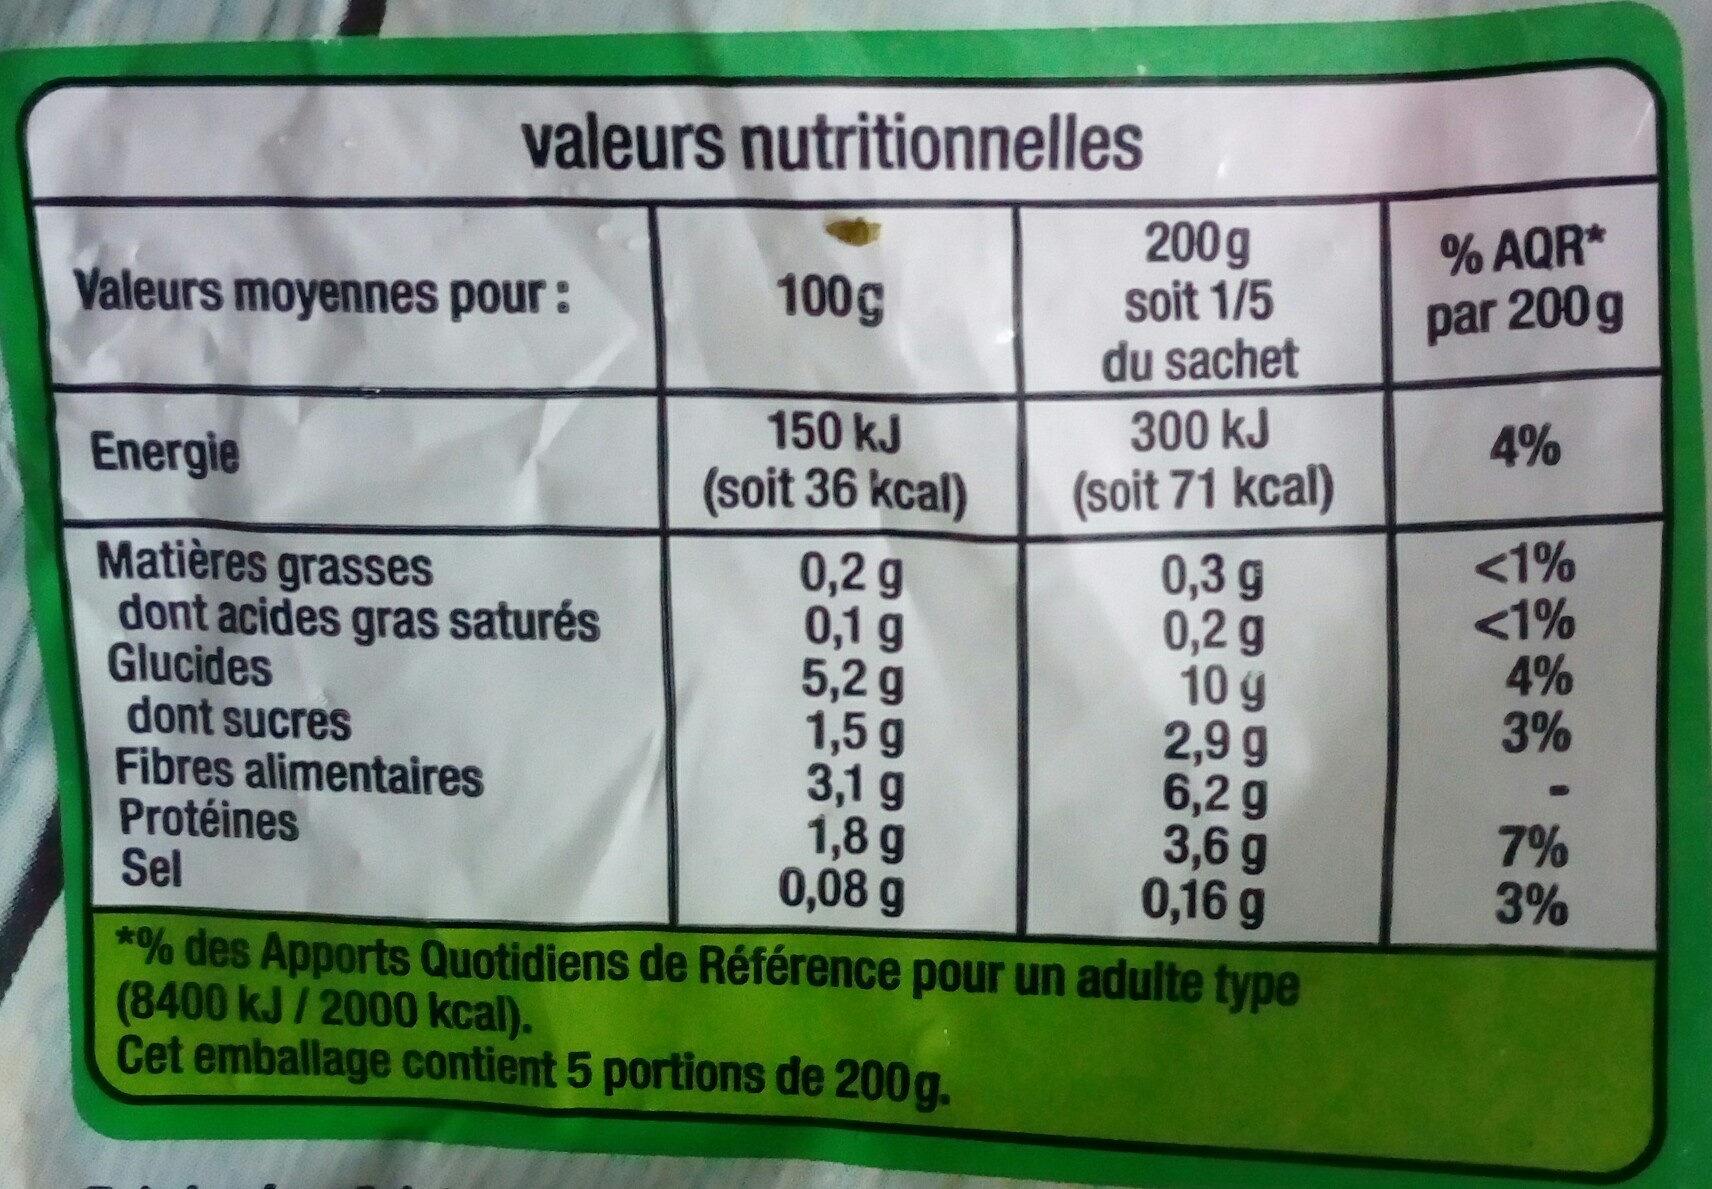 Légumes Potage Auchan - Nutrition facts